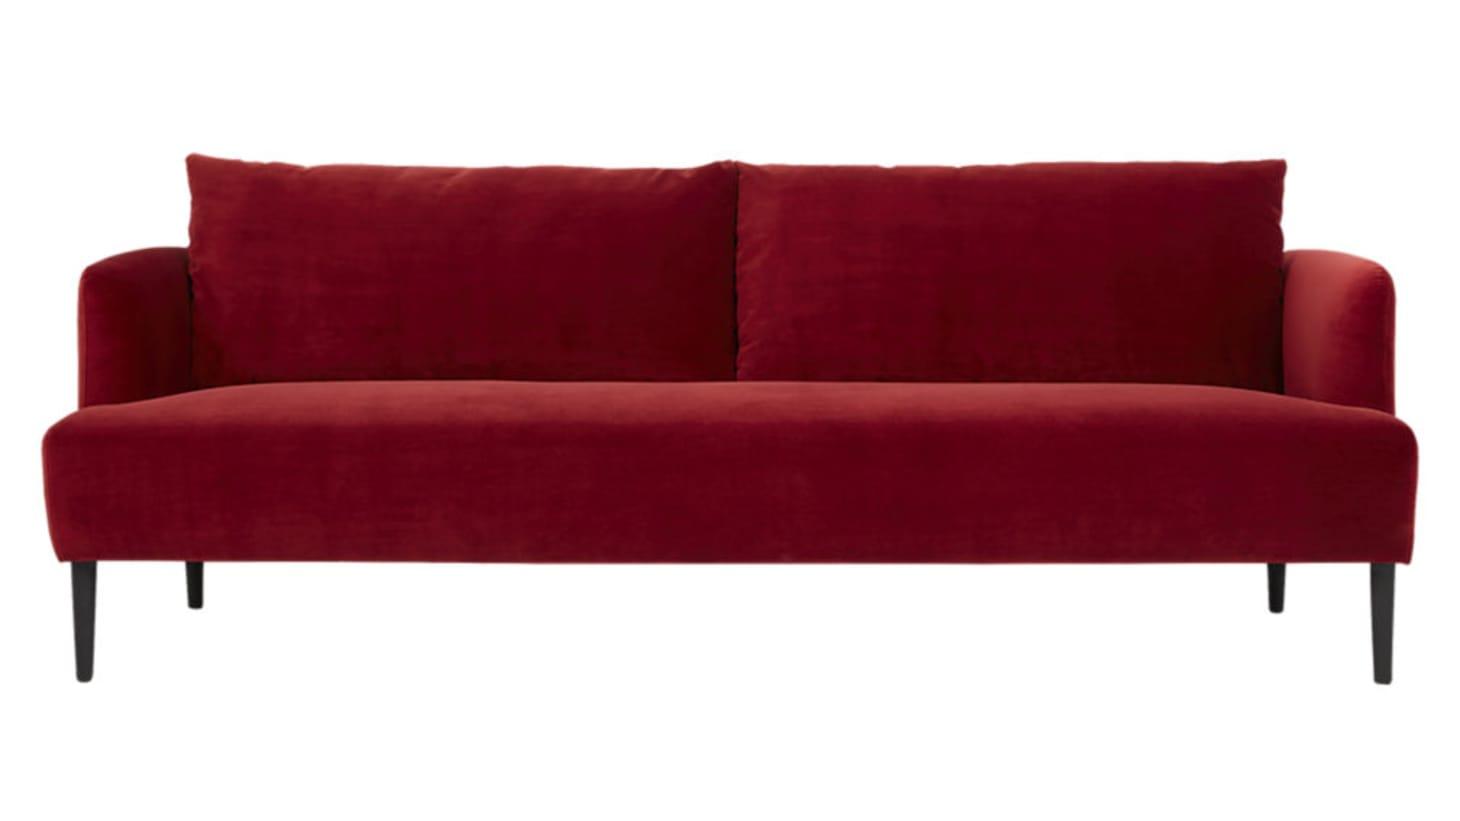 Surprising The Most Comfortable Sofas At Cb2 Apartment Therapy Inzonedesignstudio Interior Chair Design Inzonedesignstudiocom